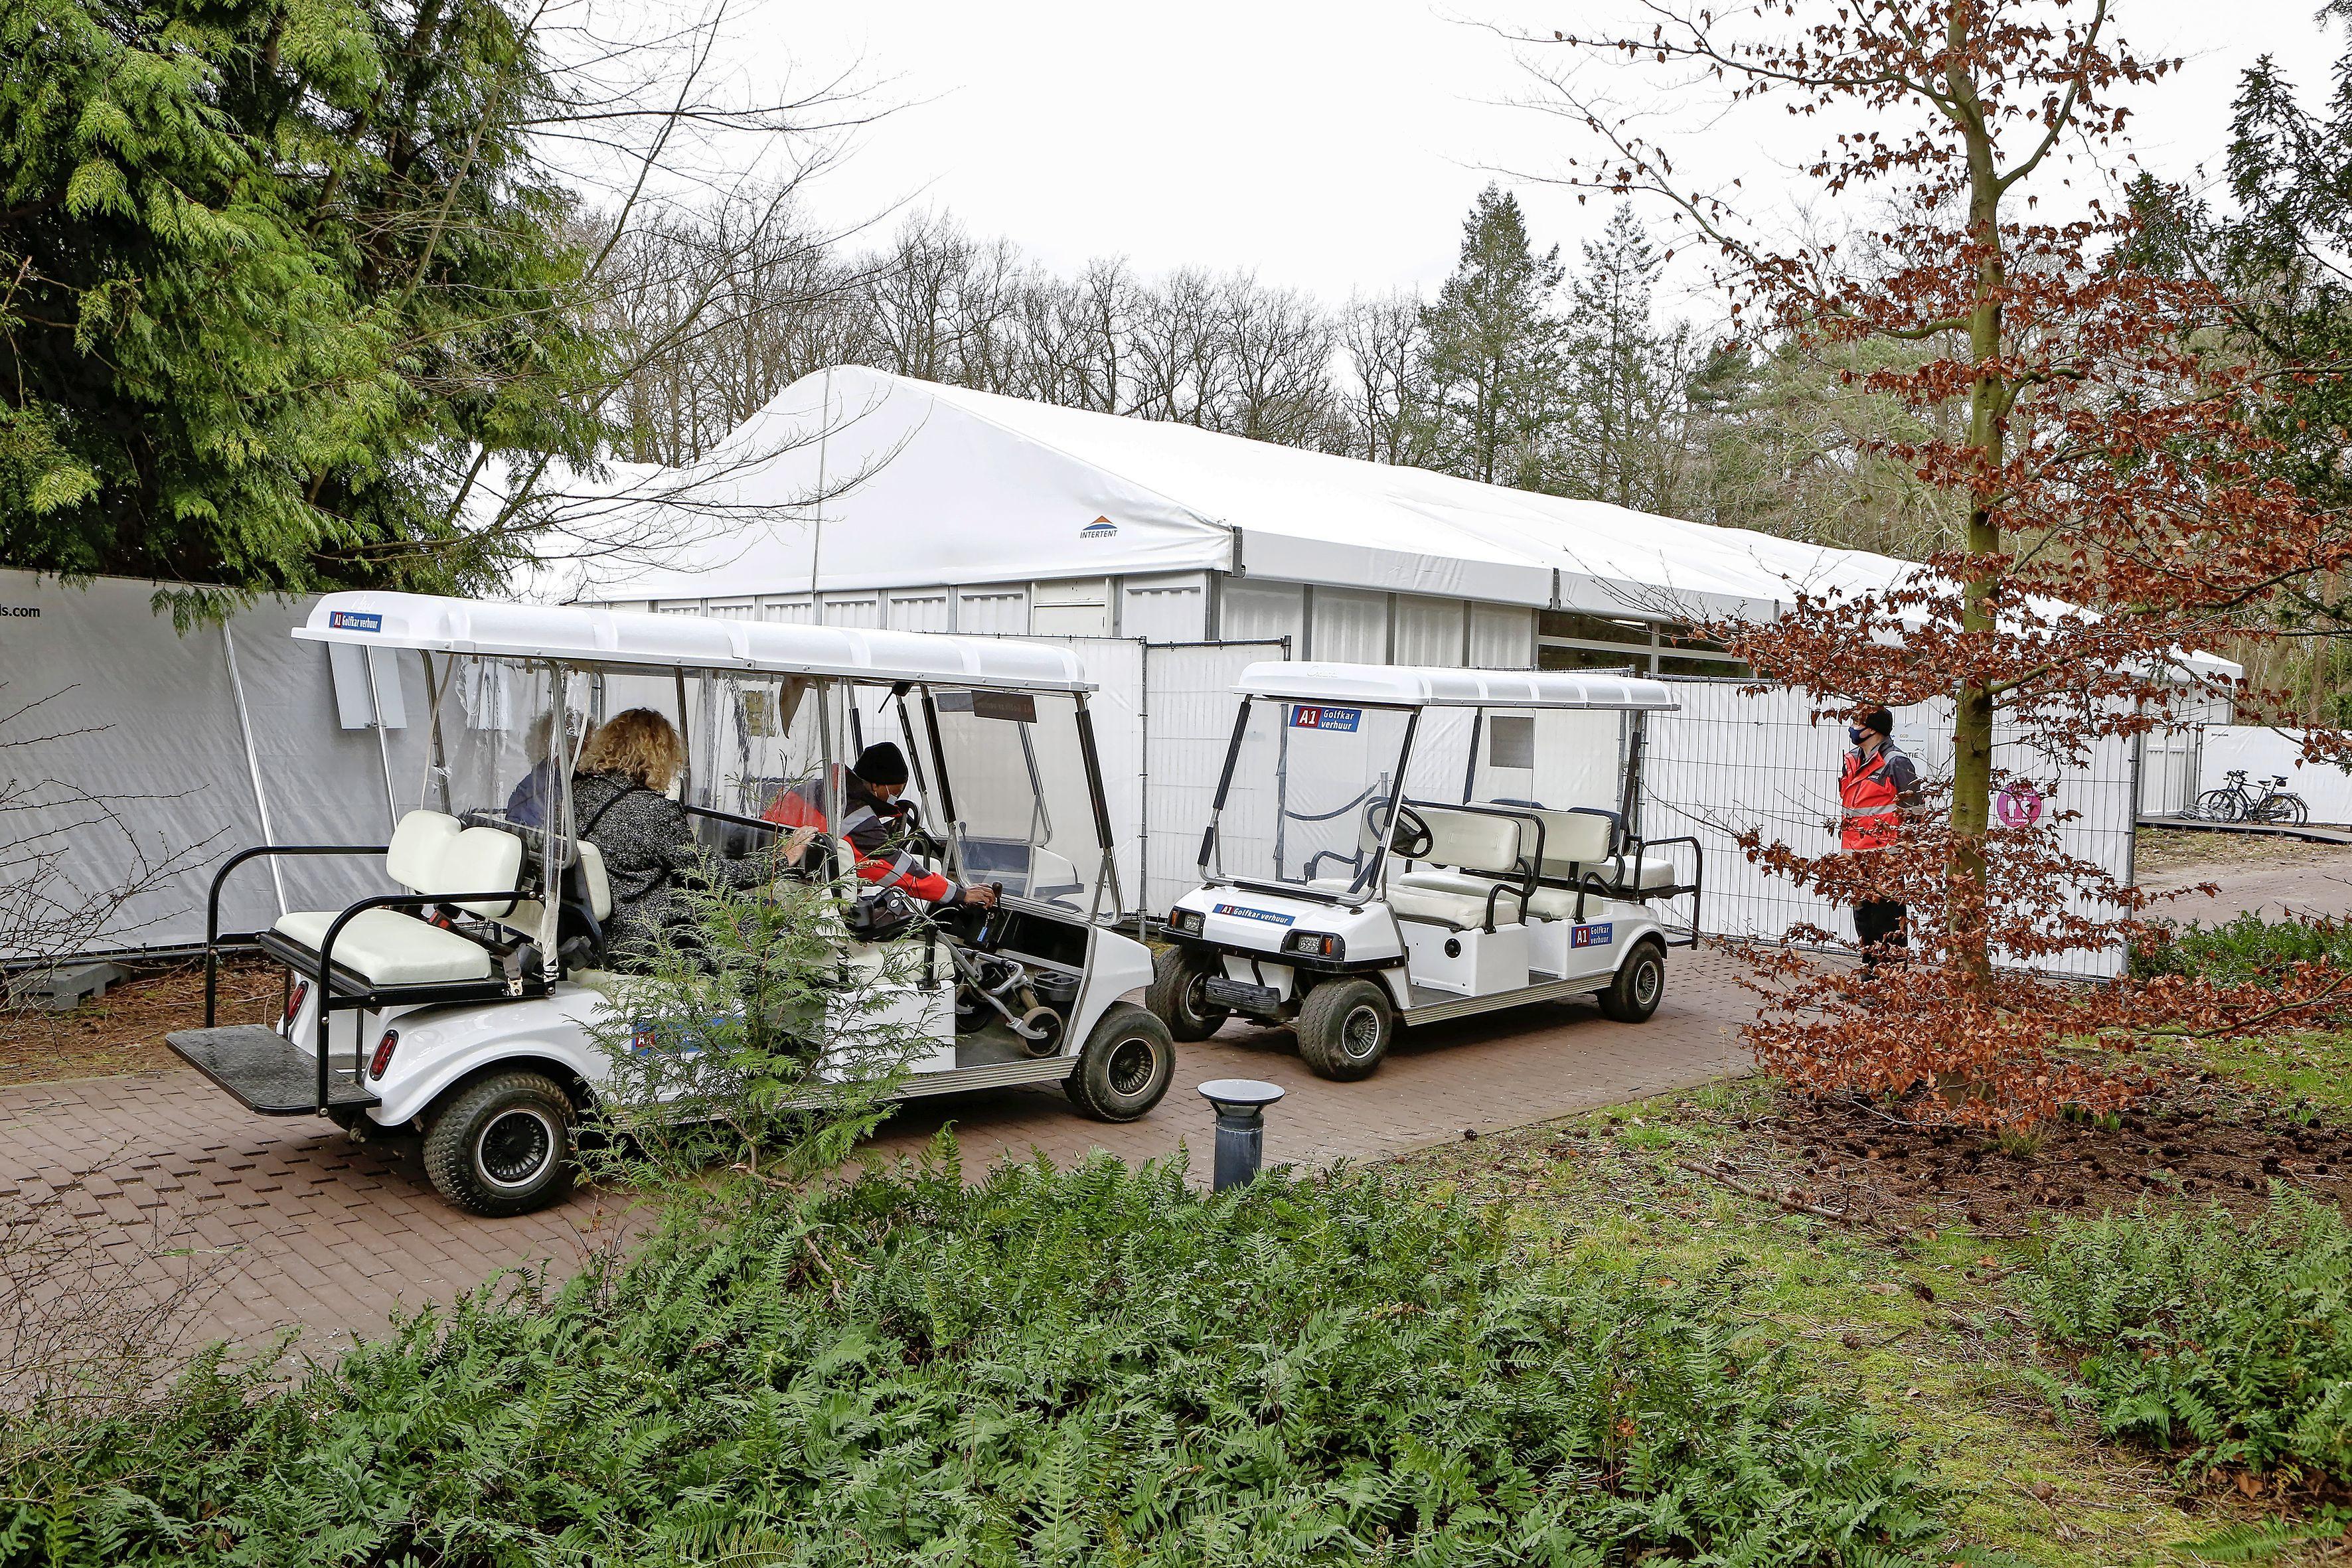 Derde vaccinatiepaviljoen opent begin mei in Naarden; GGD noemt parkeerterrein voormalige golfbaan toegankelijke locatie